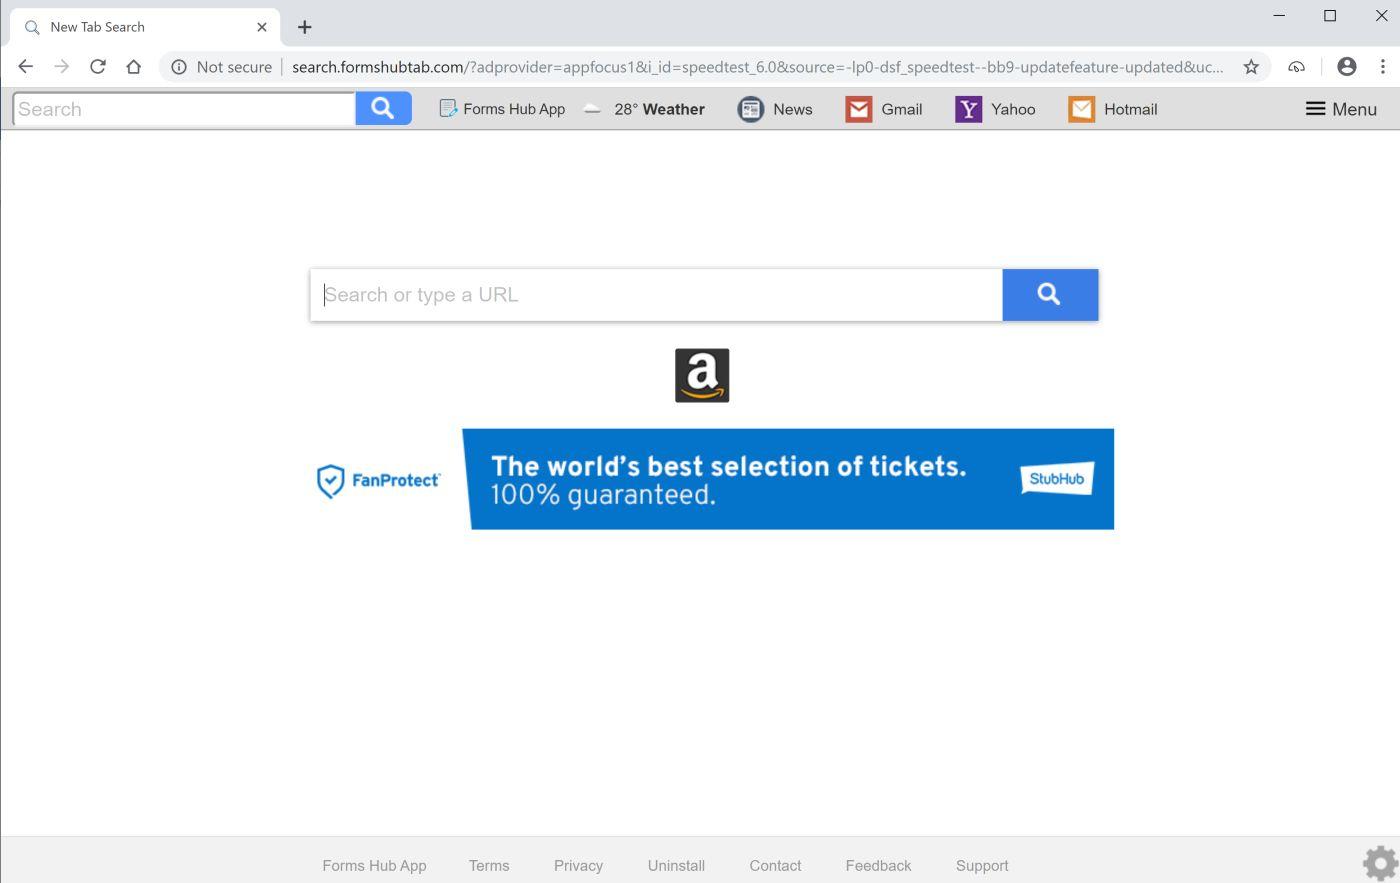 Search.formshubtab.com Hijacker